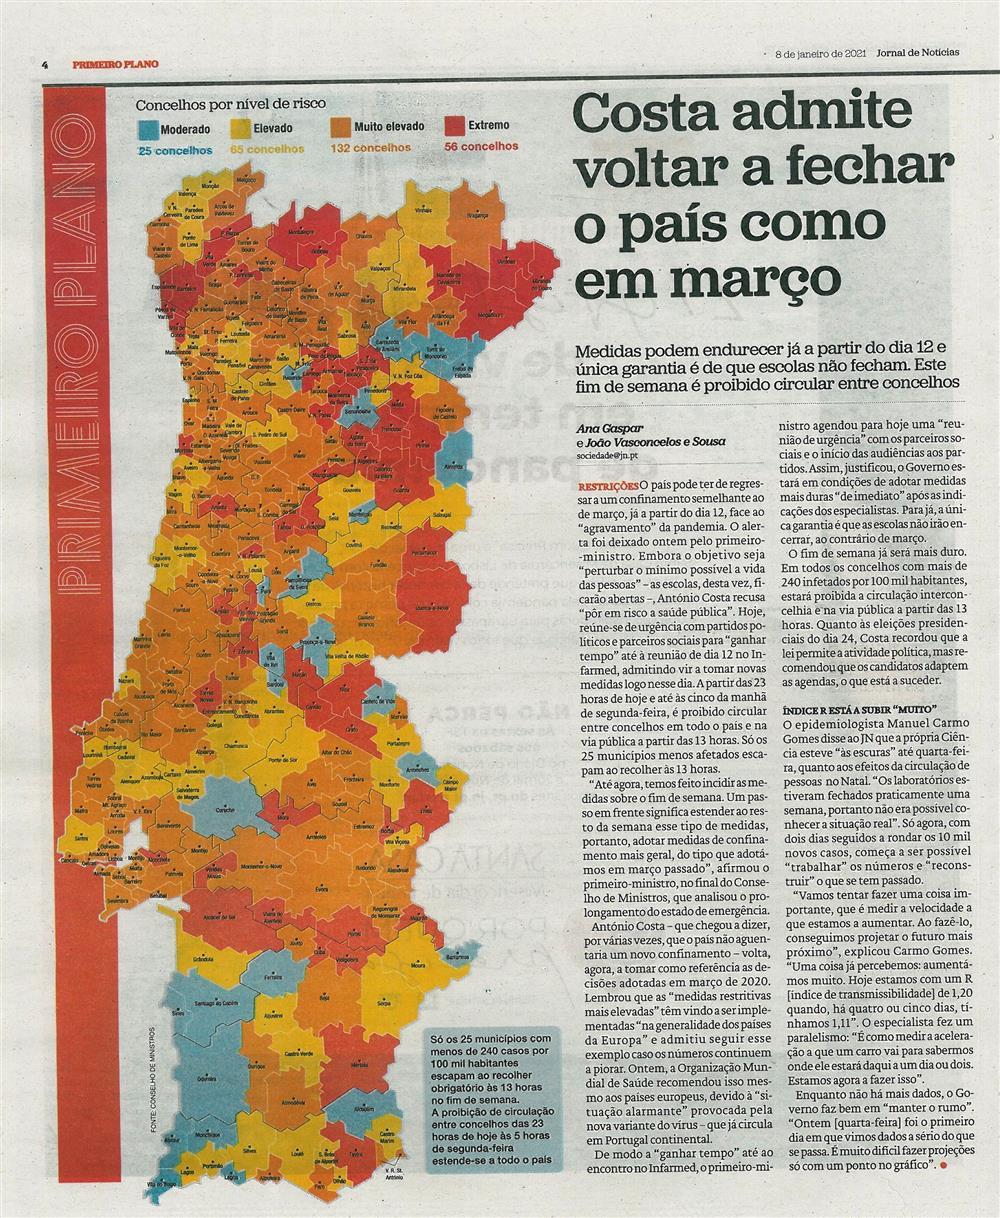 JN-08jan.'21-'primeiro plano',p.4-Costa admite voltar a fechar o país como em março.jpg